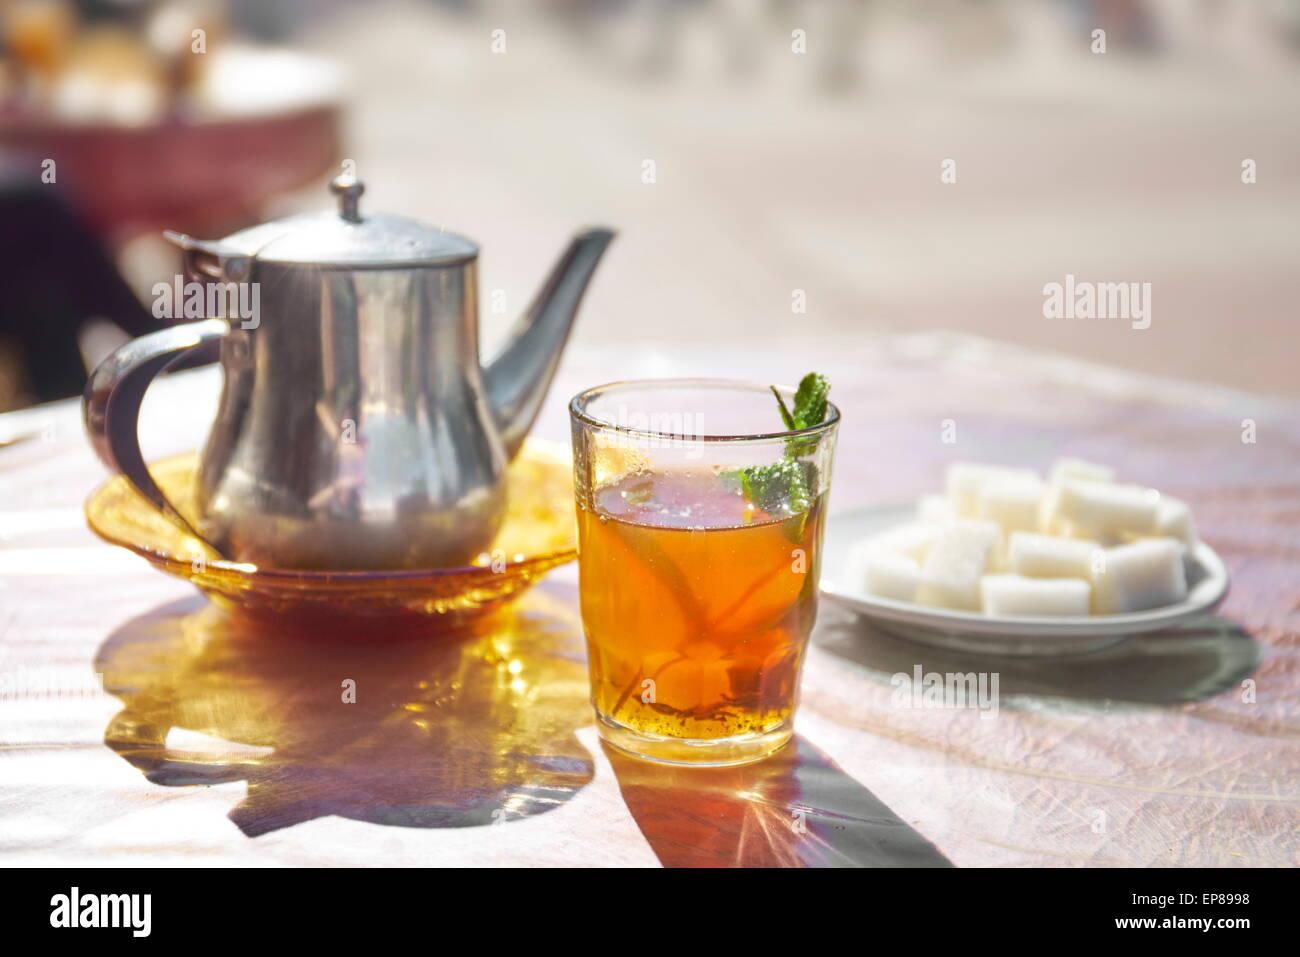 Tradizionale tè alla menta. Il Marocco, Africa Foto Stock